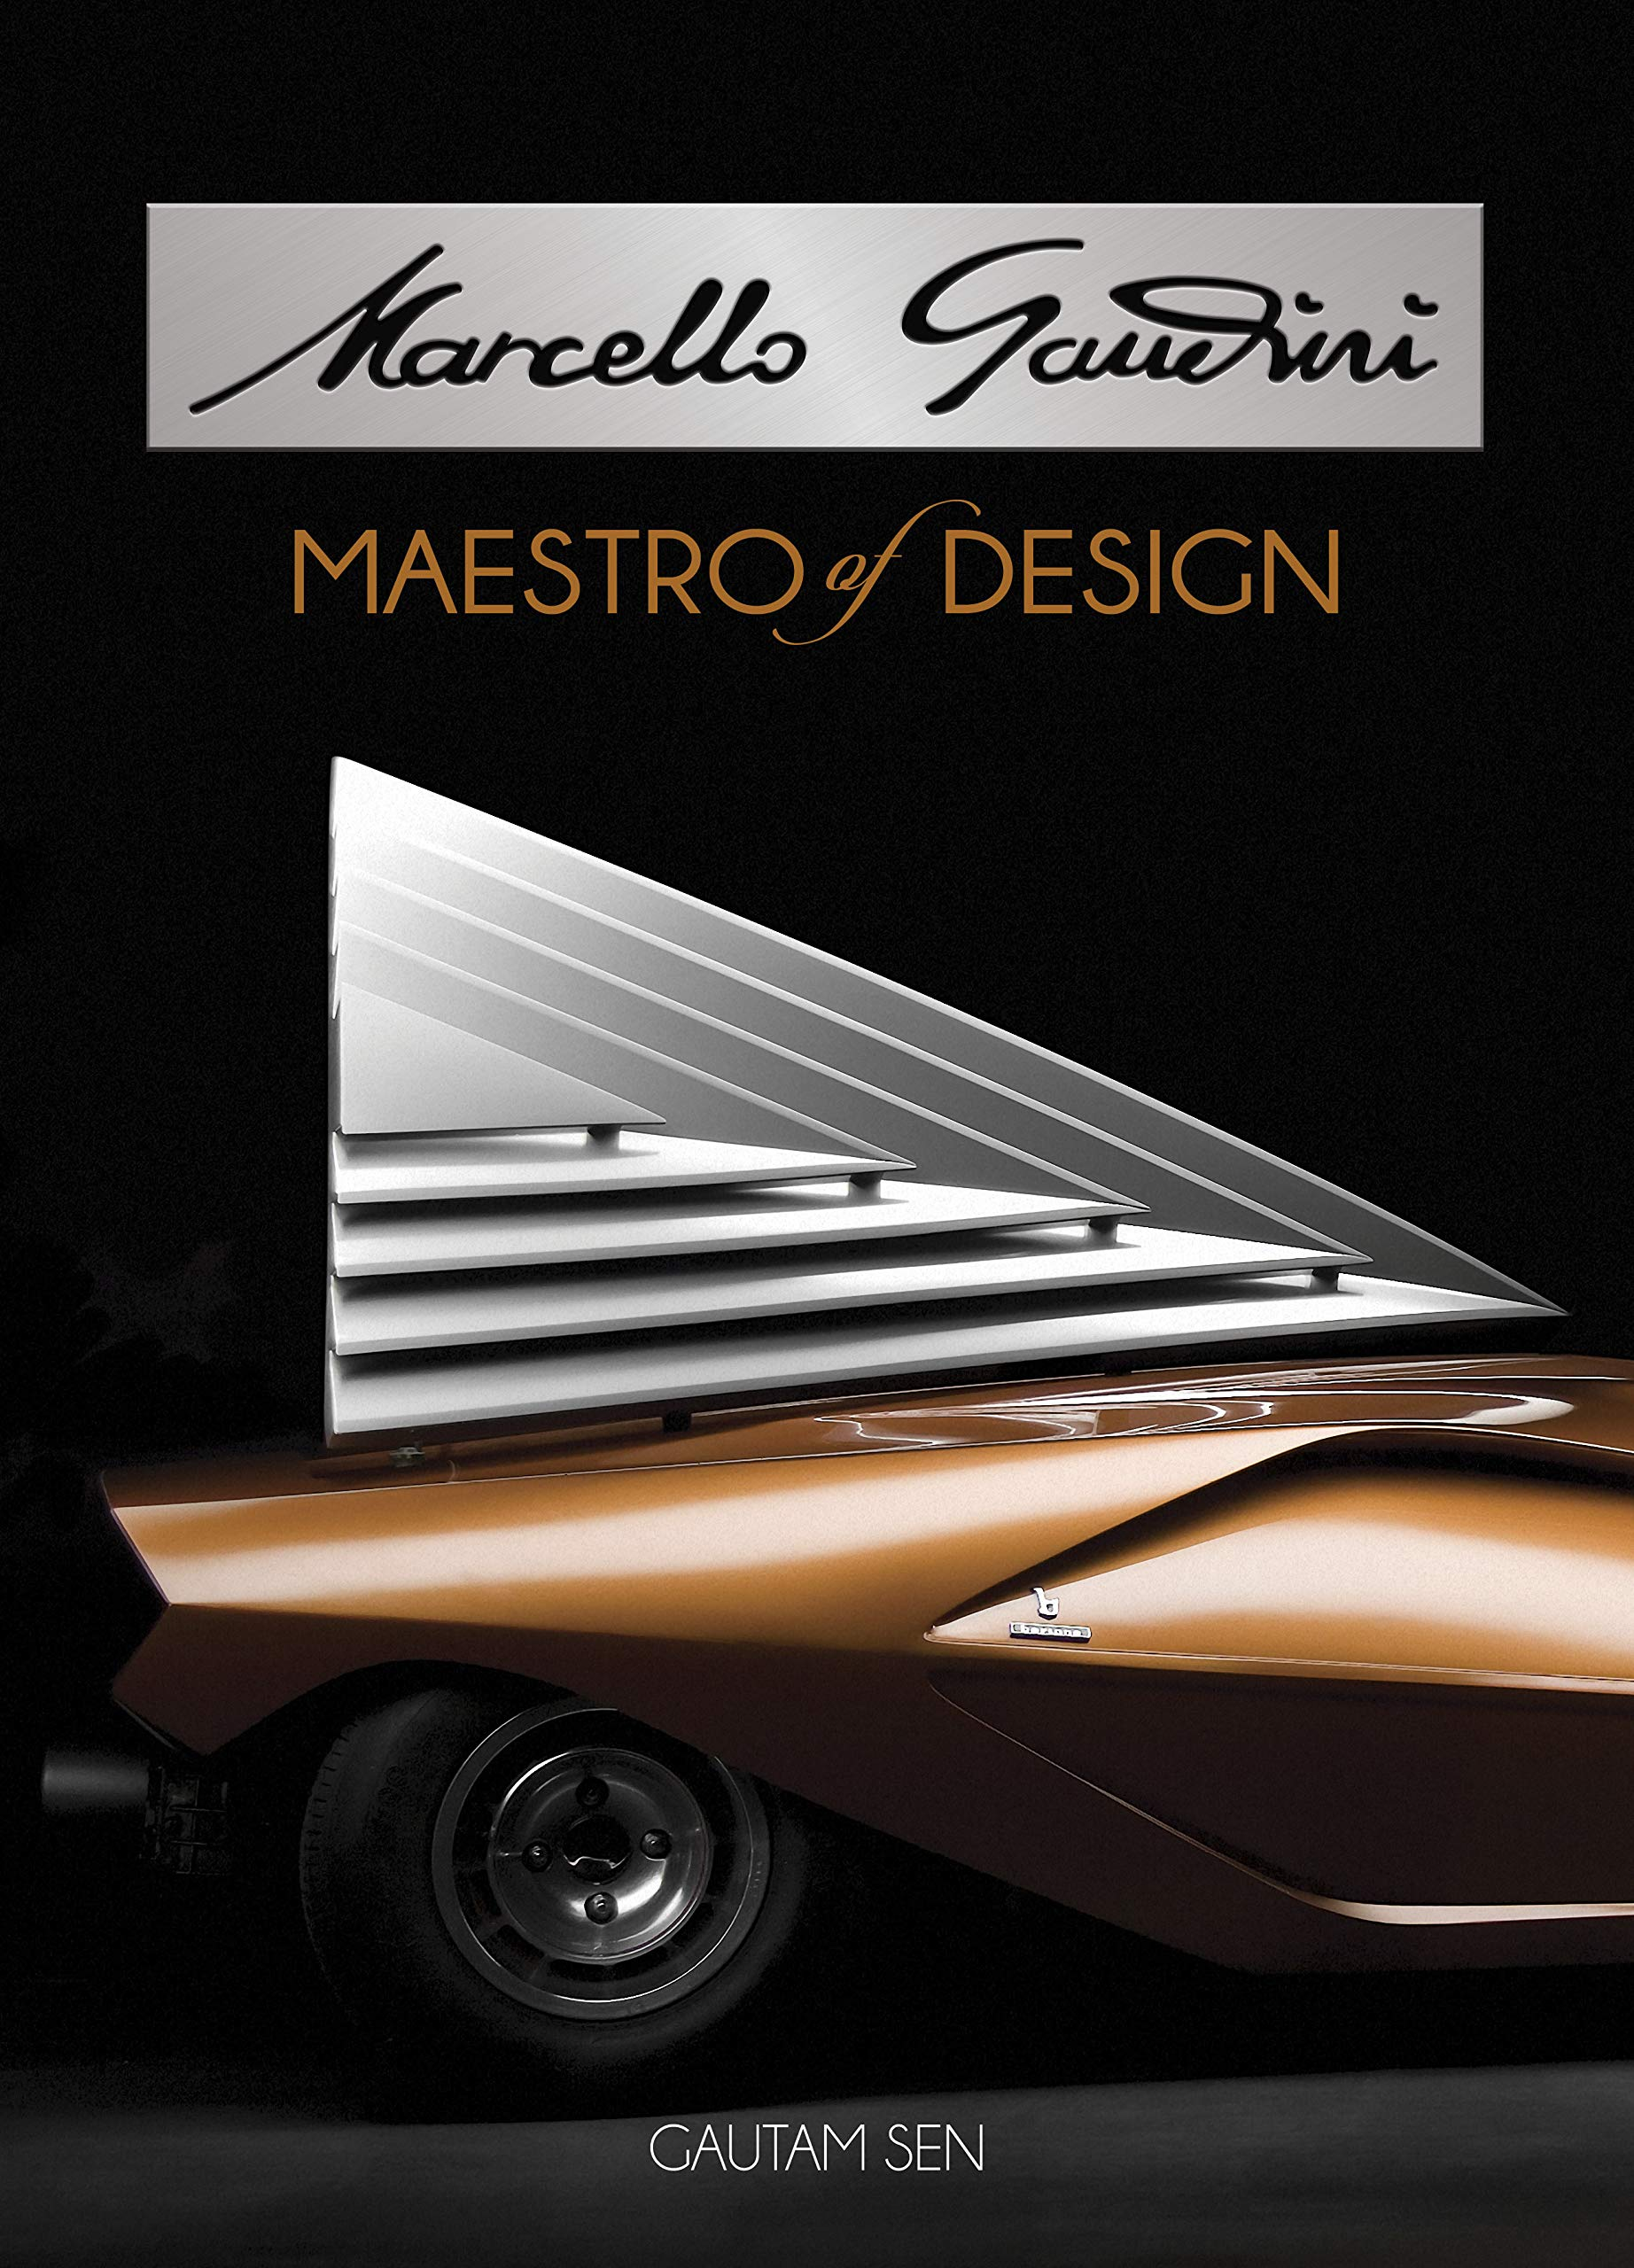 Marcello Gandini Maestro Of Design